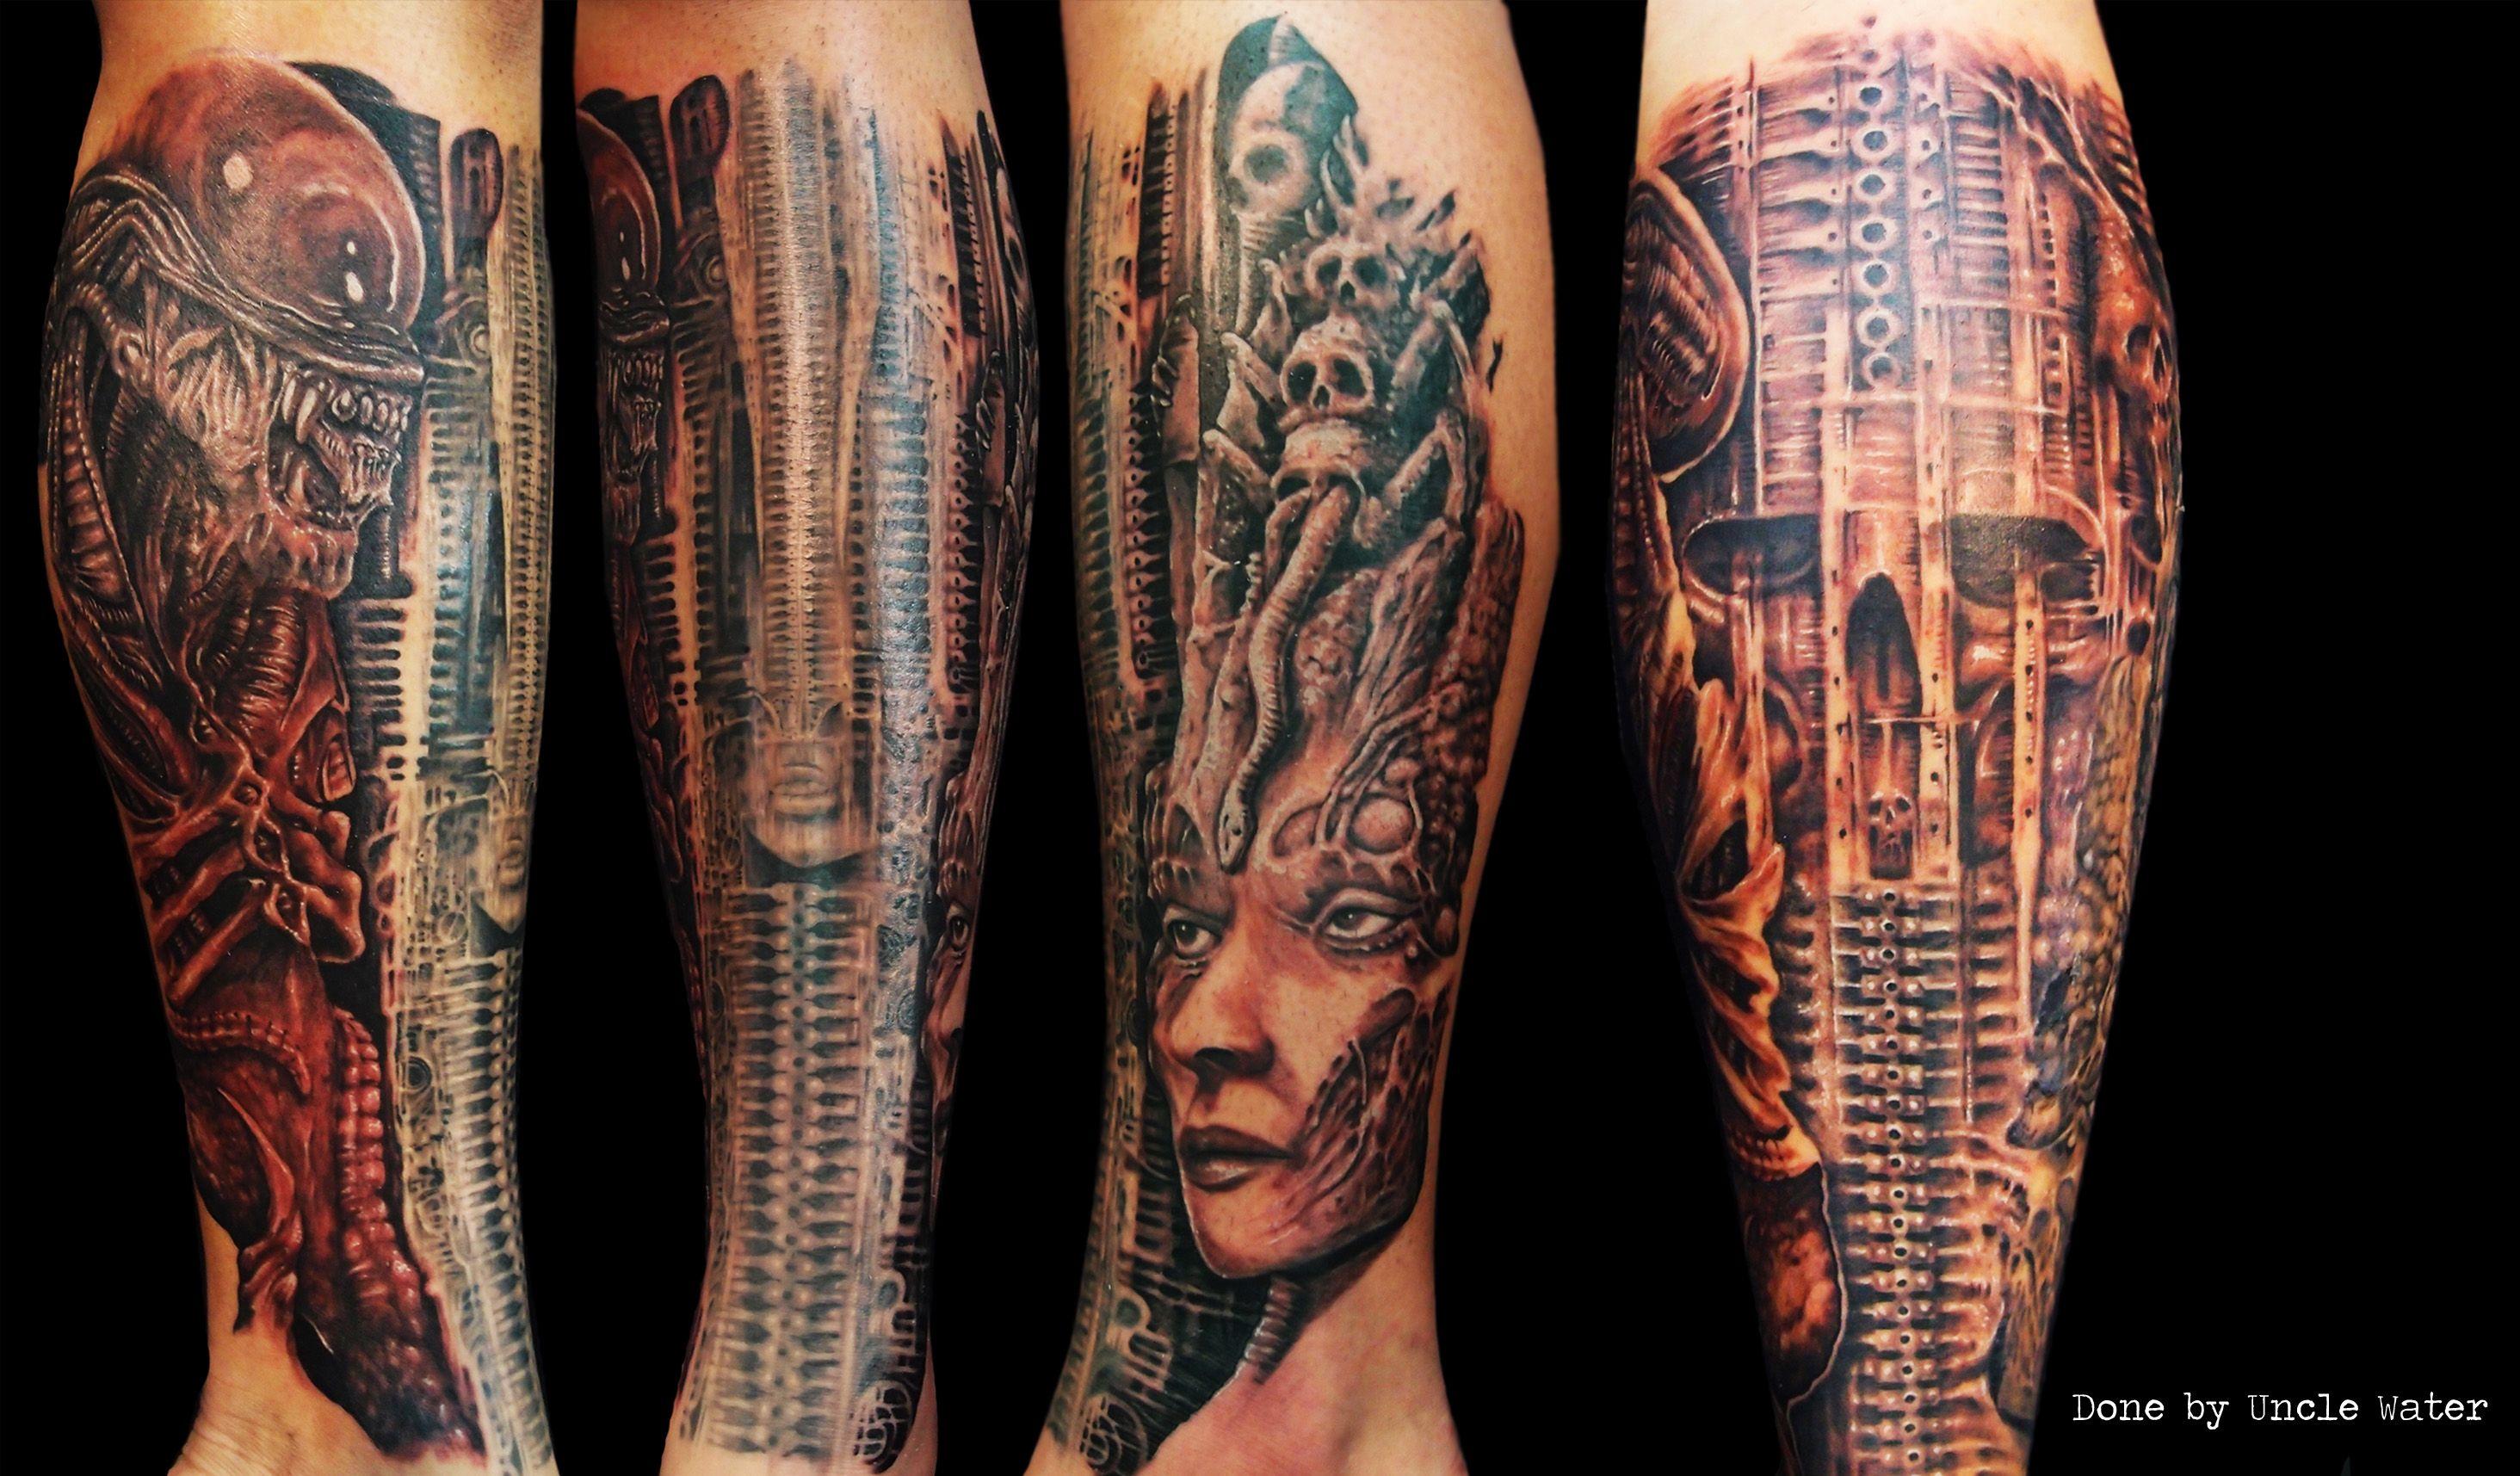 Hr giger tattoo designs - Hr Giger